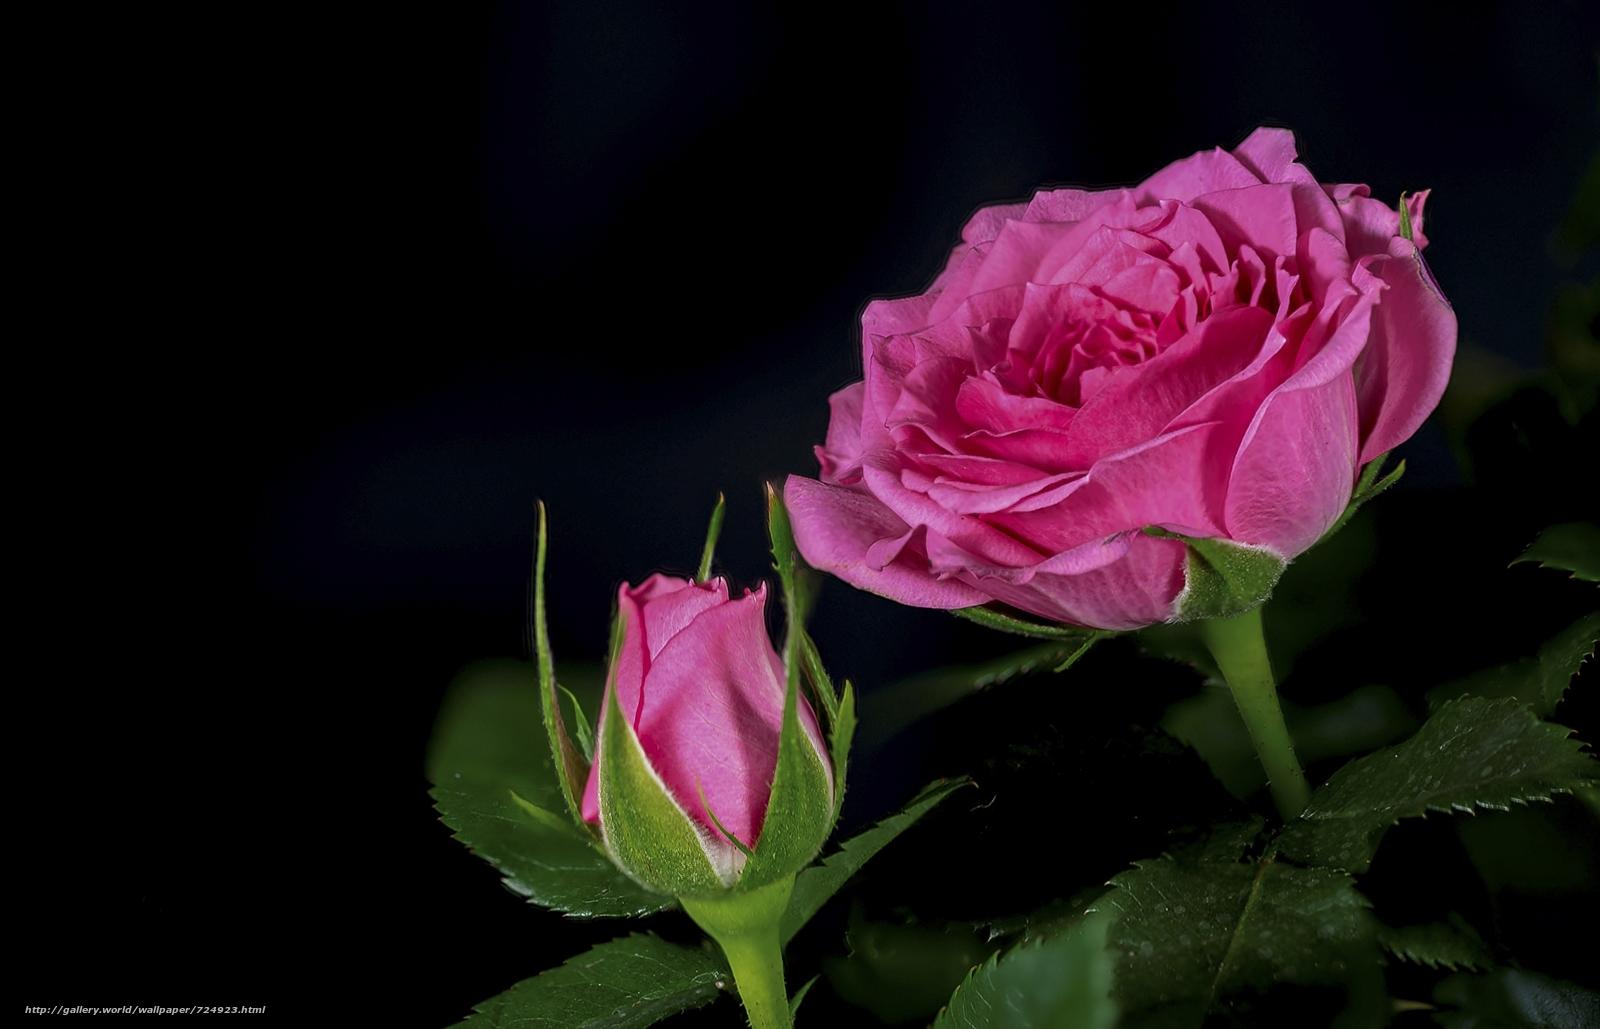 Красивые картинки розы на черном фоне